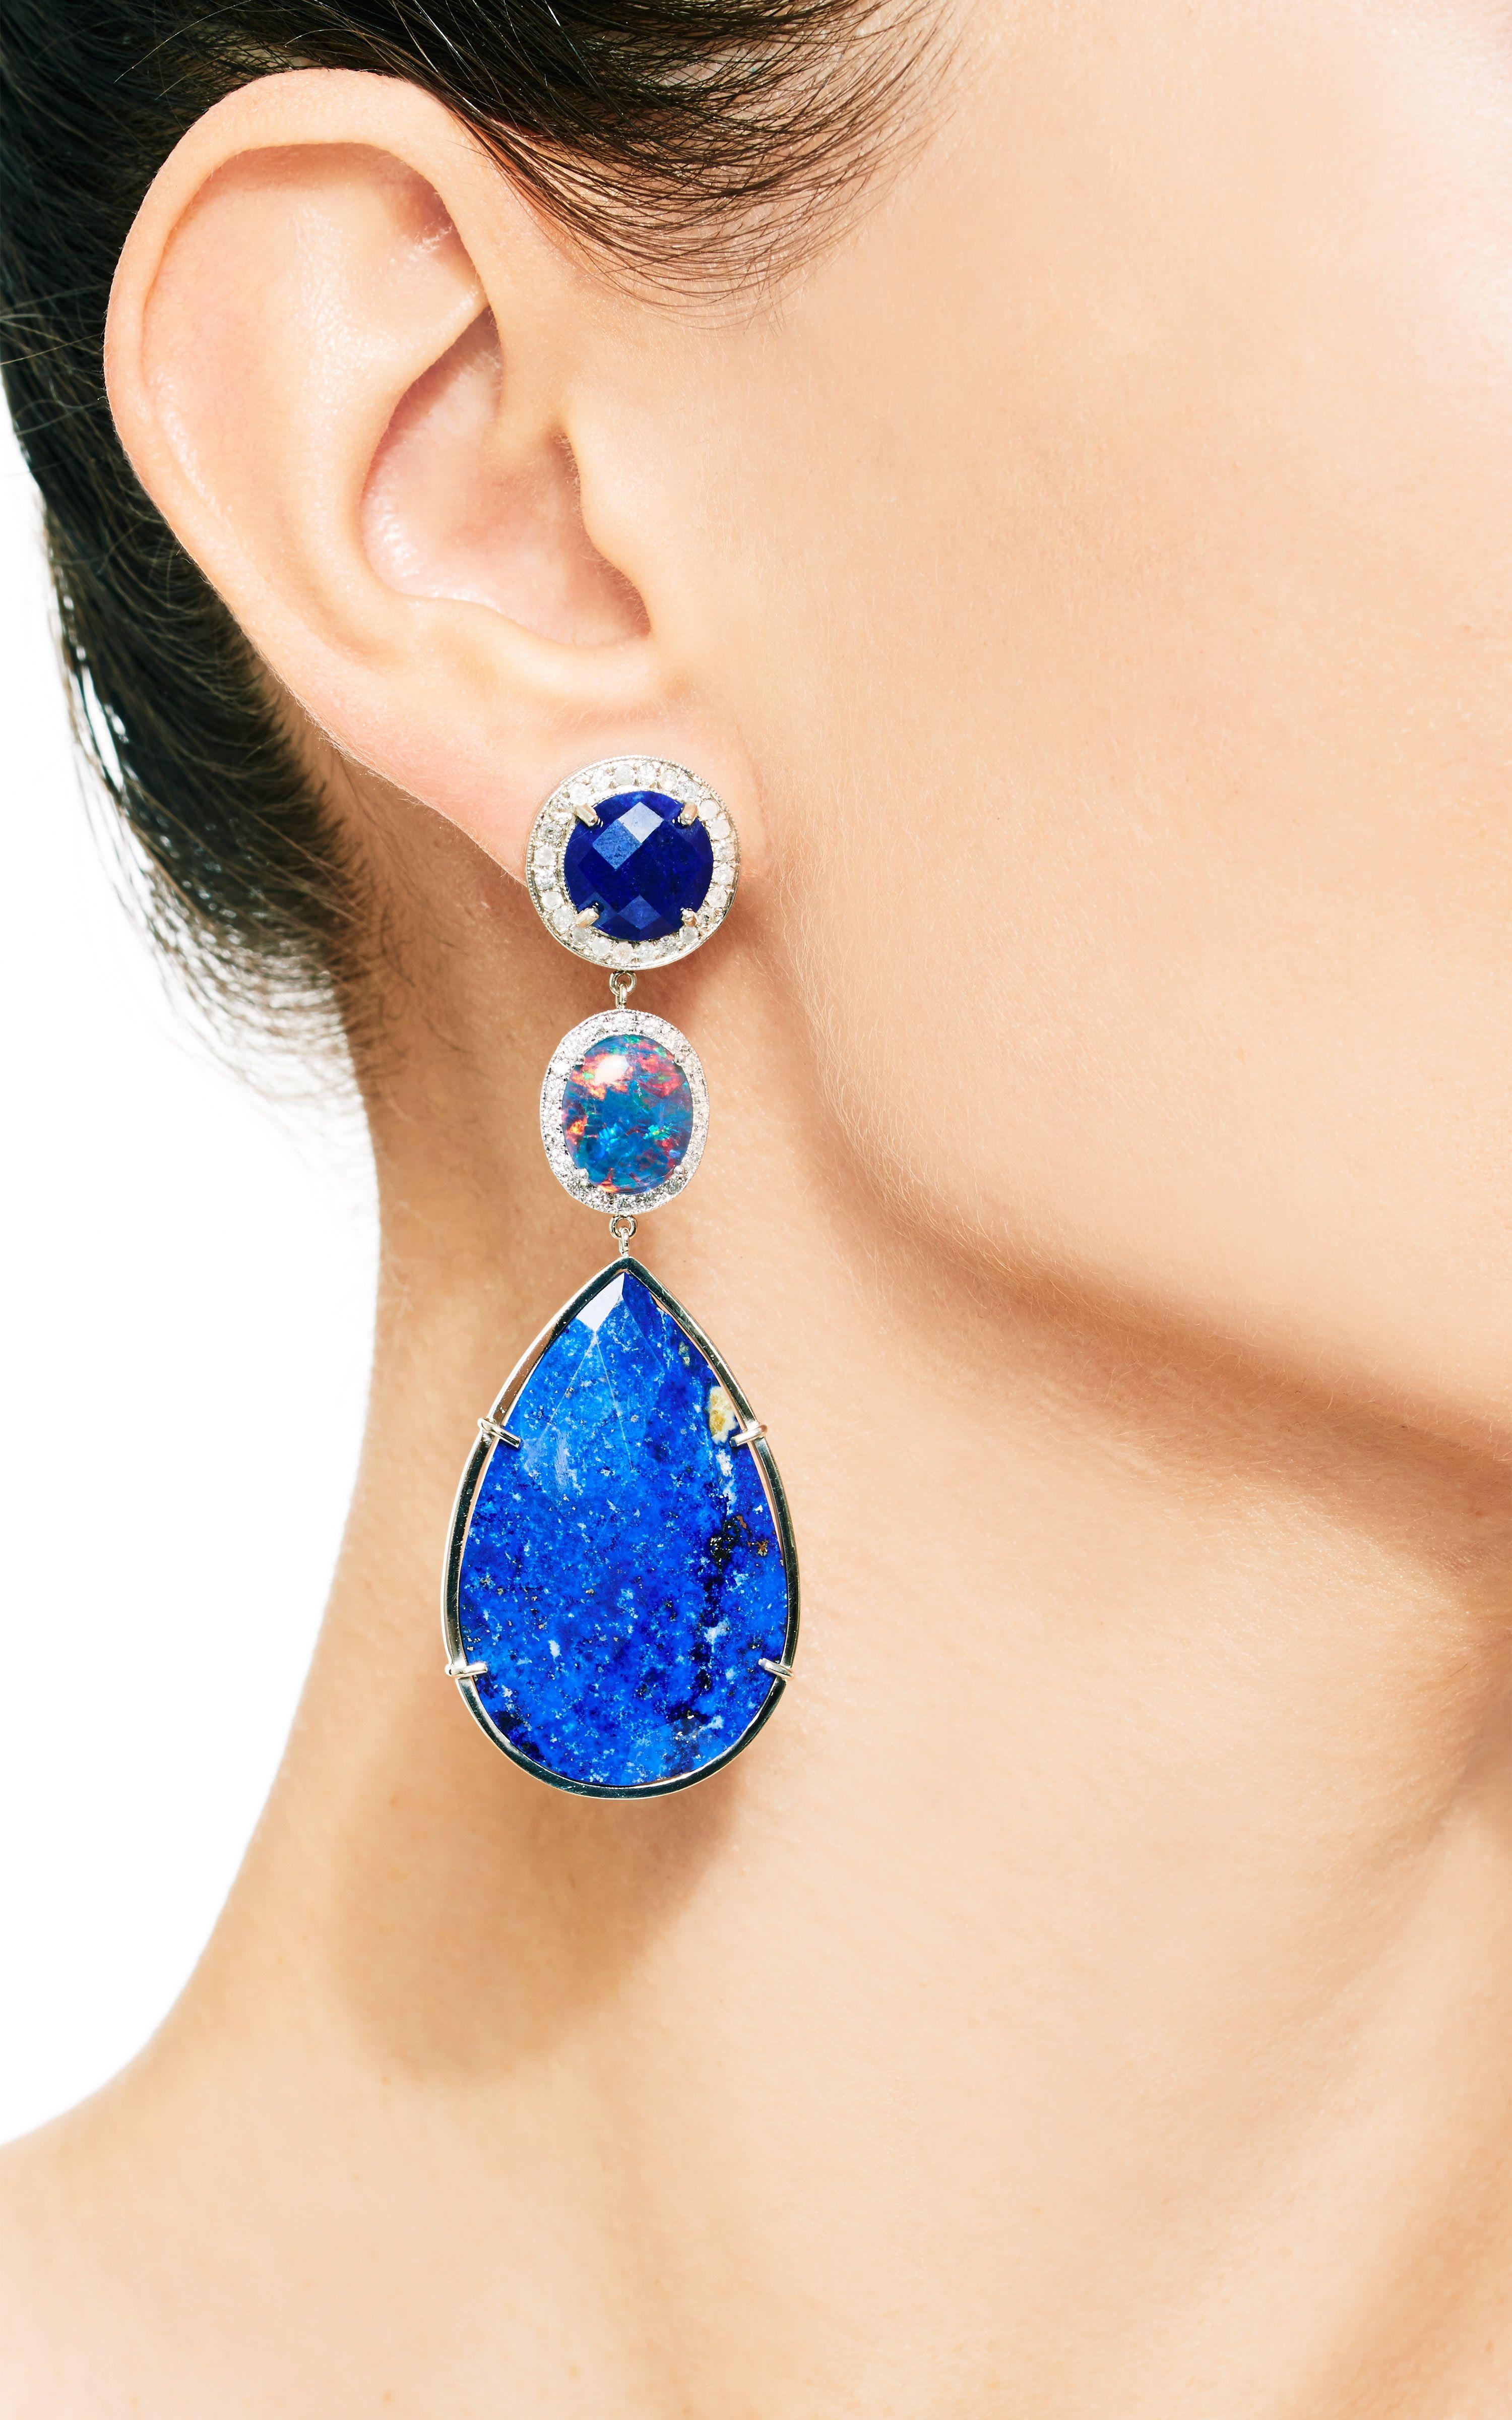 18K Gold Australian Opal and Diamond Earrings by Andrea Fohrman - Moda Operandi